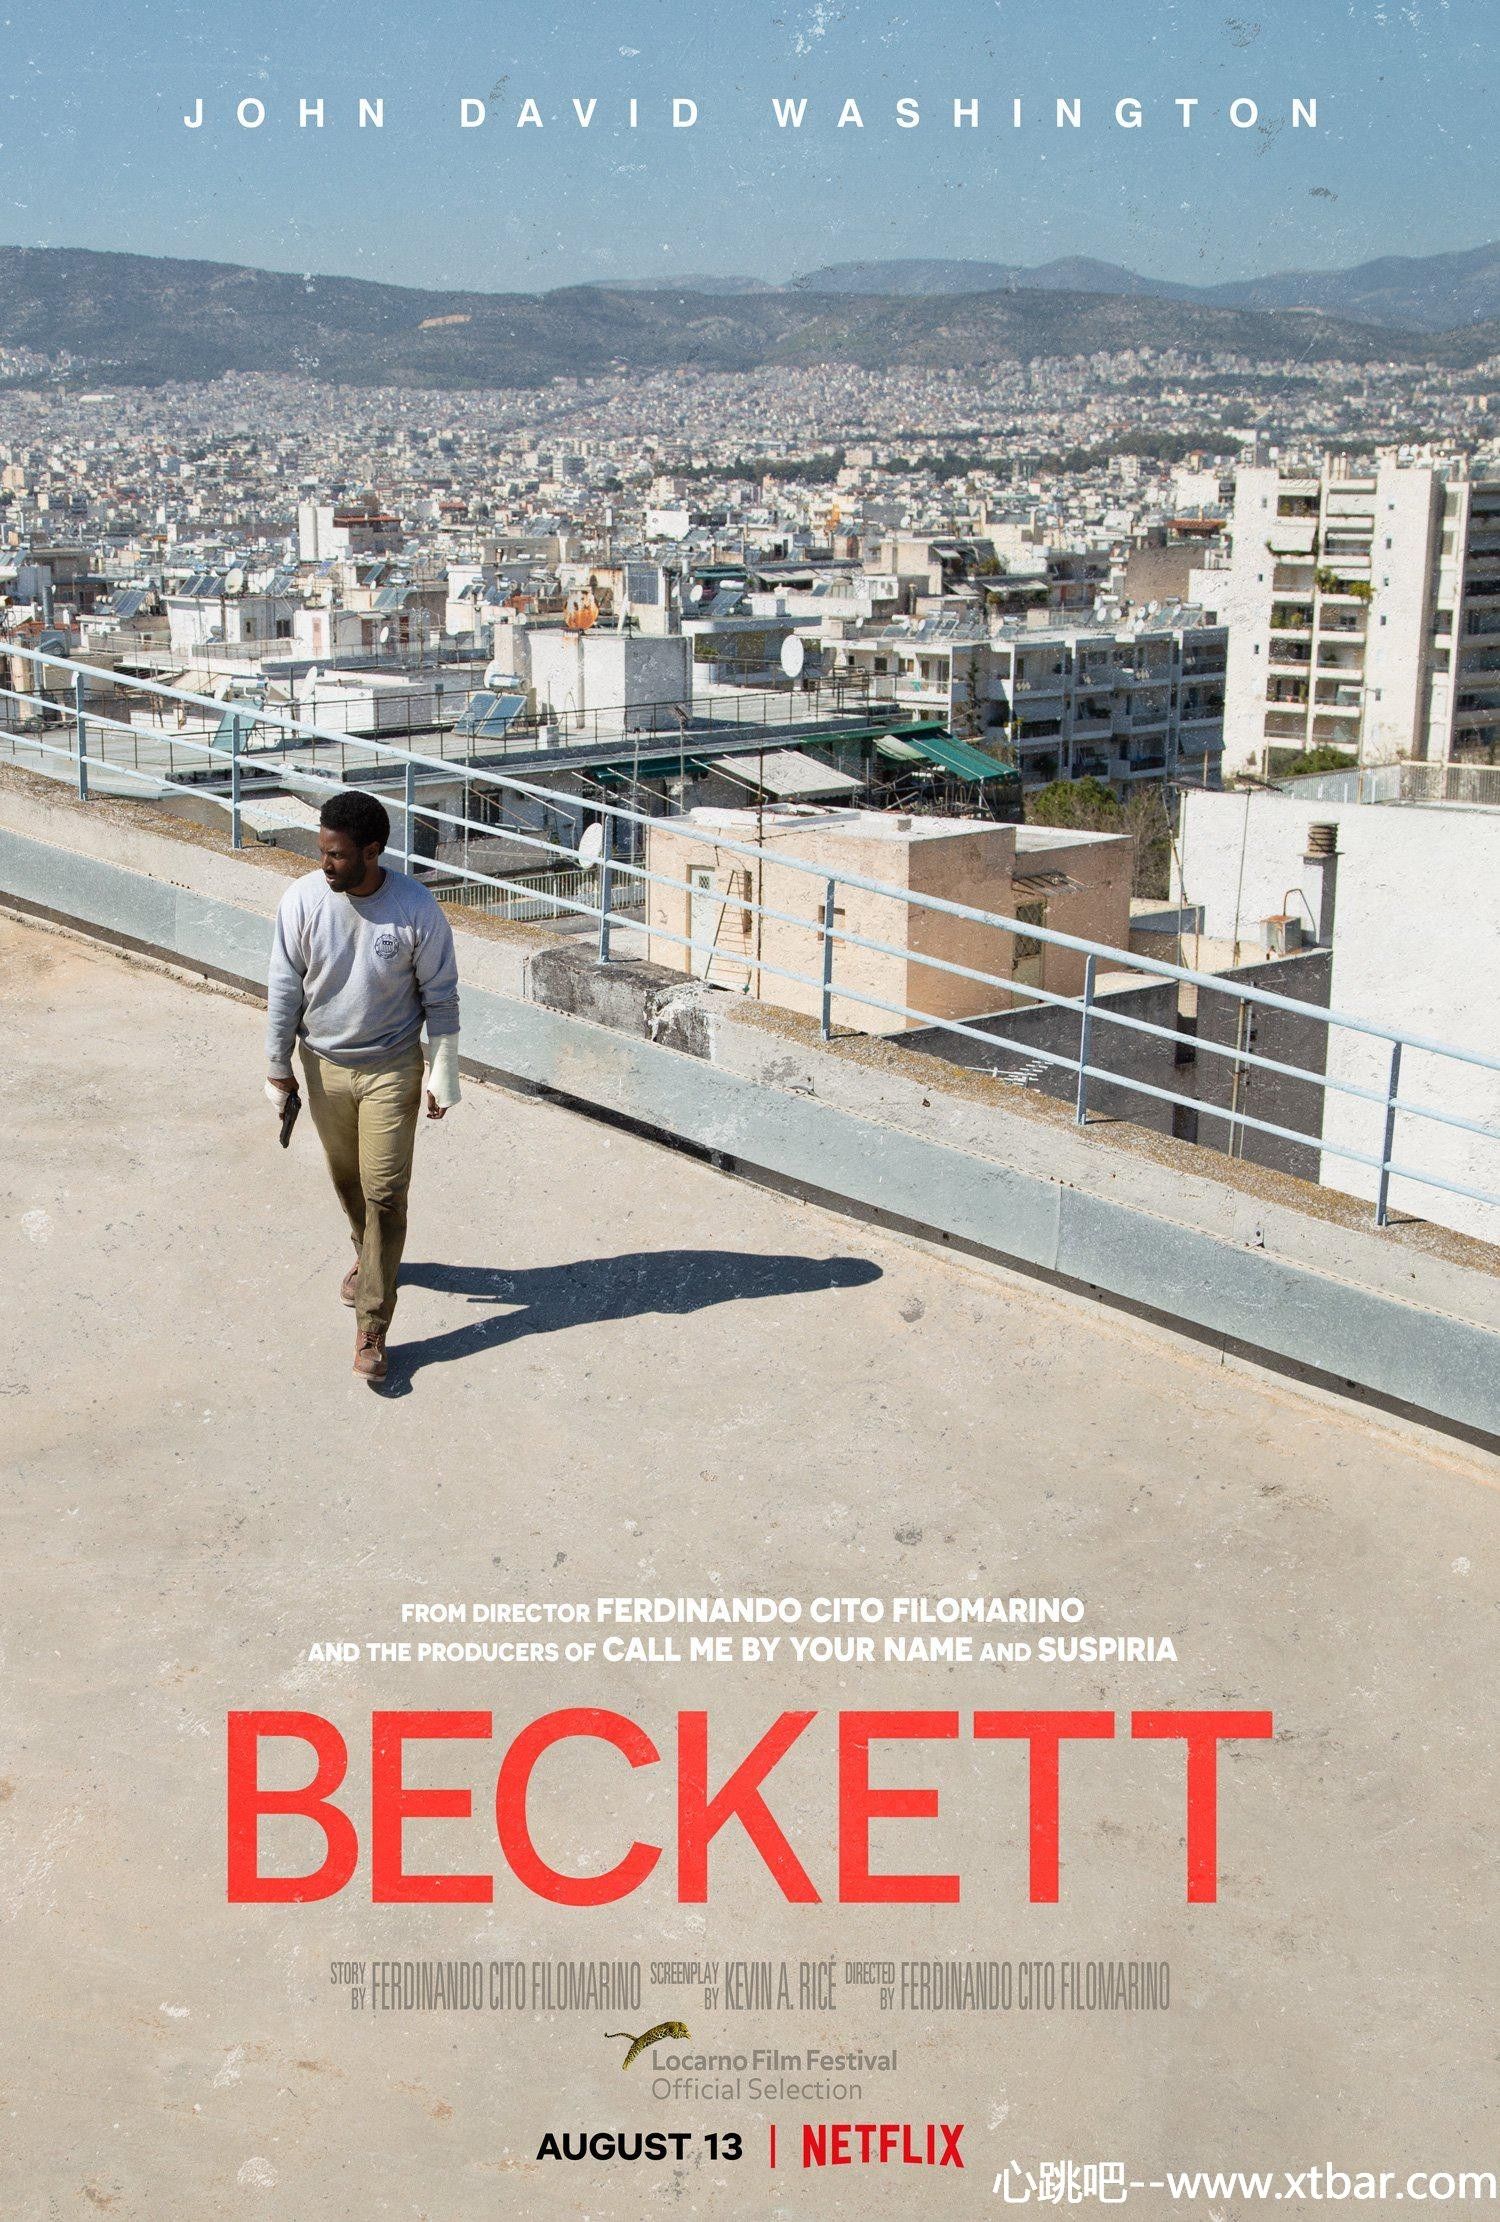 【意大利恐怖片推荐】:《厄运假期 Beckett》,浪漫约会变成凶险假期, 政治斗争揭结局惊人真相!